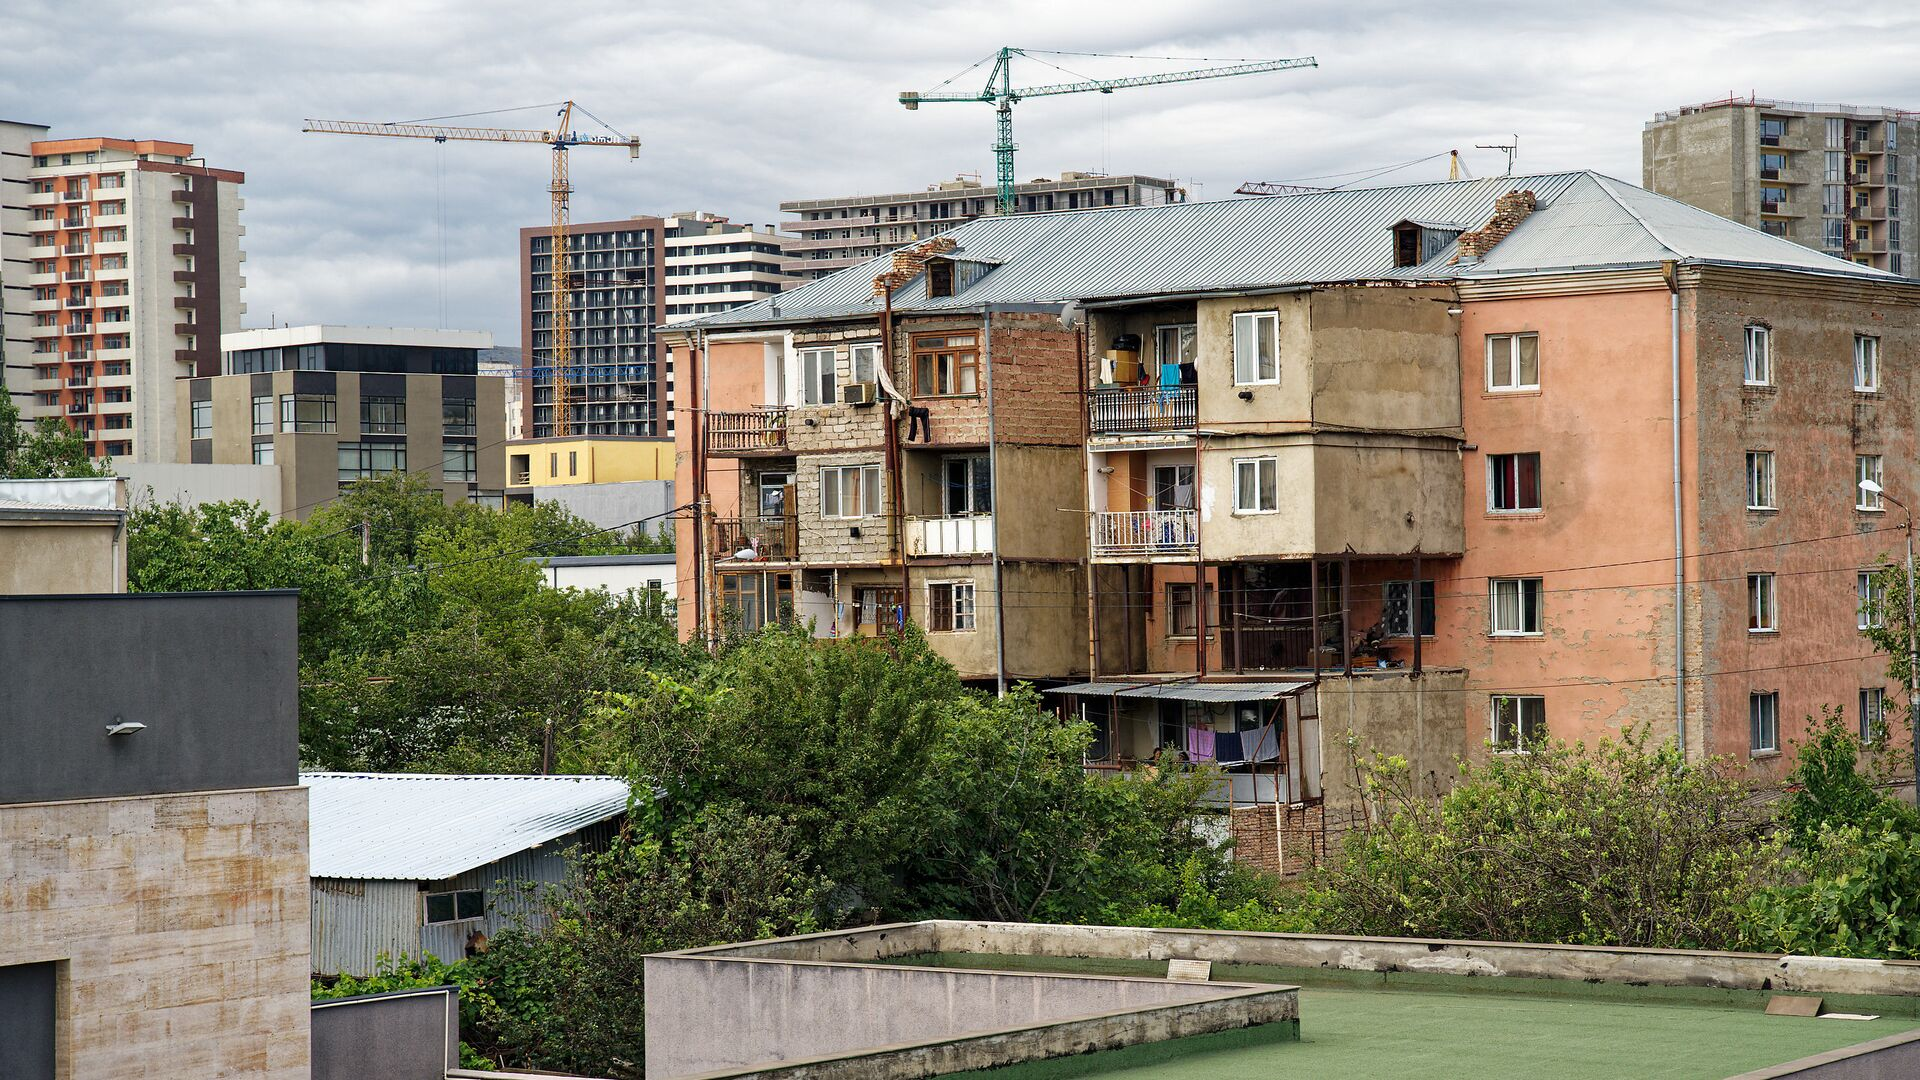 Строительство новых жилых домов в районе Диди Дигоми в Тбилиси - Sputnik Грузия, 1920, 01.09.2021